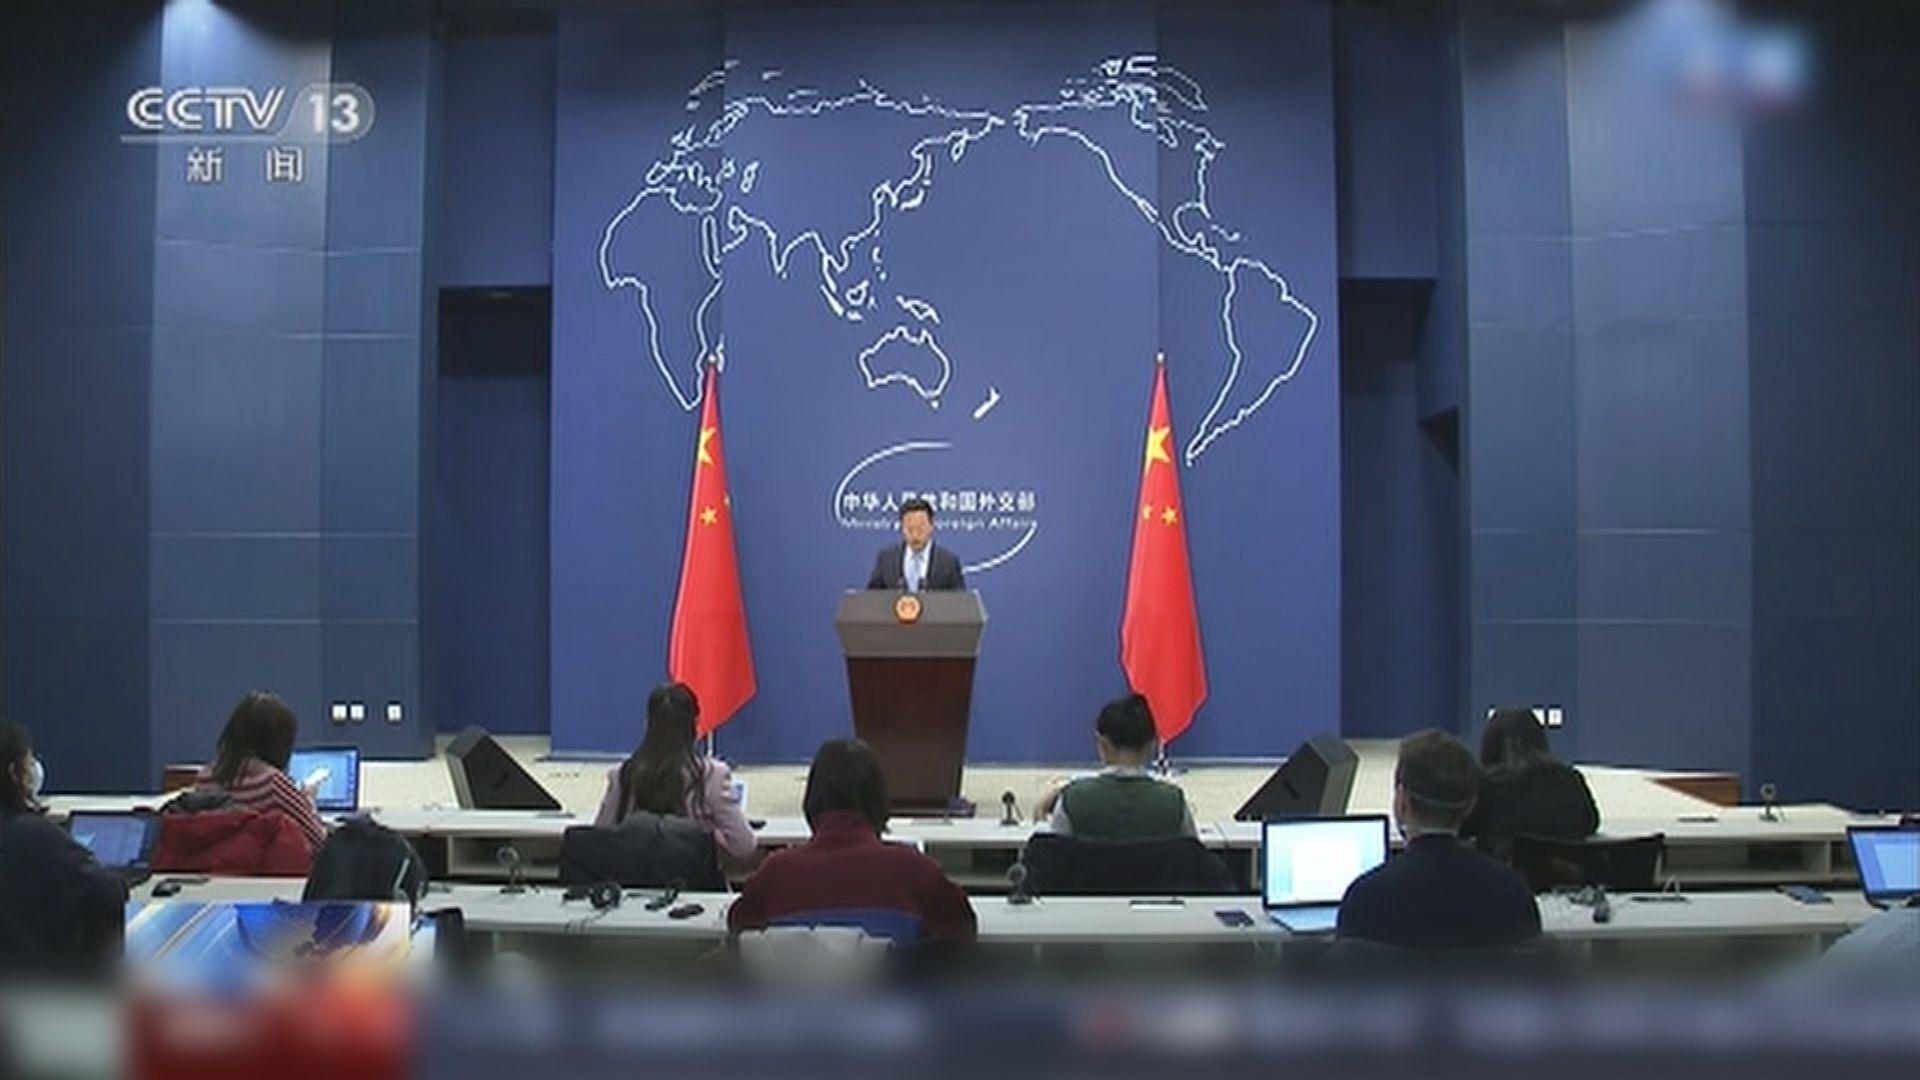 中方稱華爾街日報承認錯誤但未正式道歉